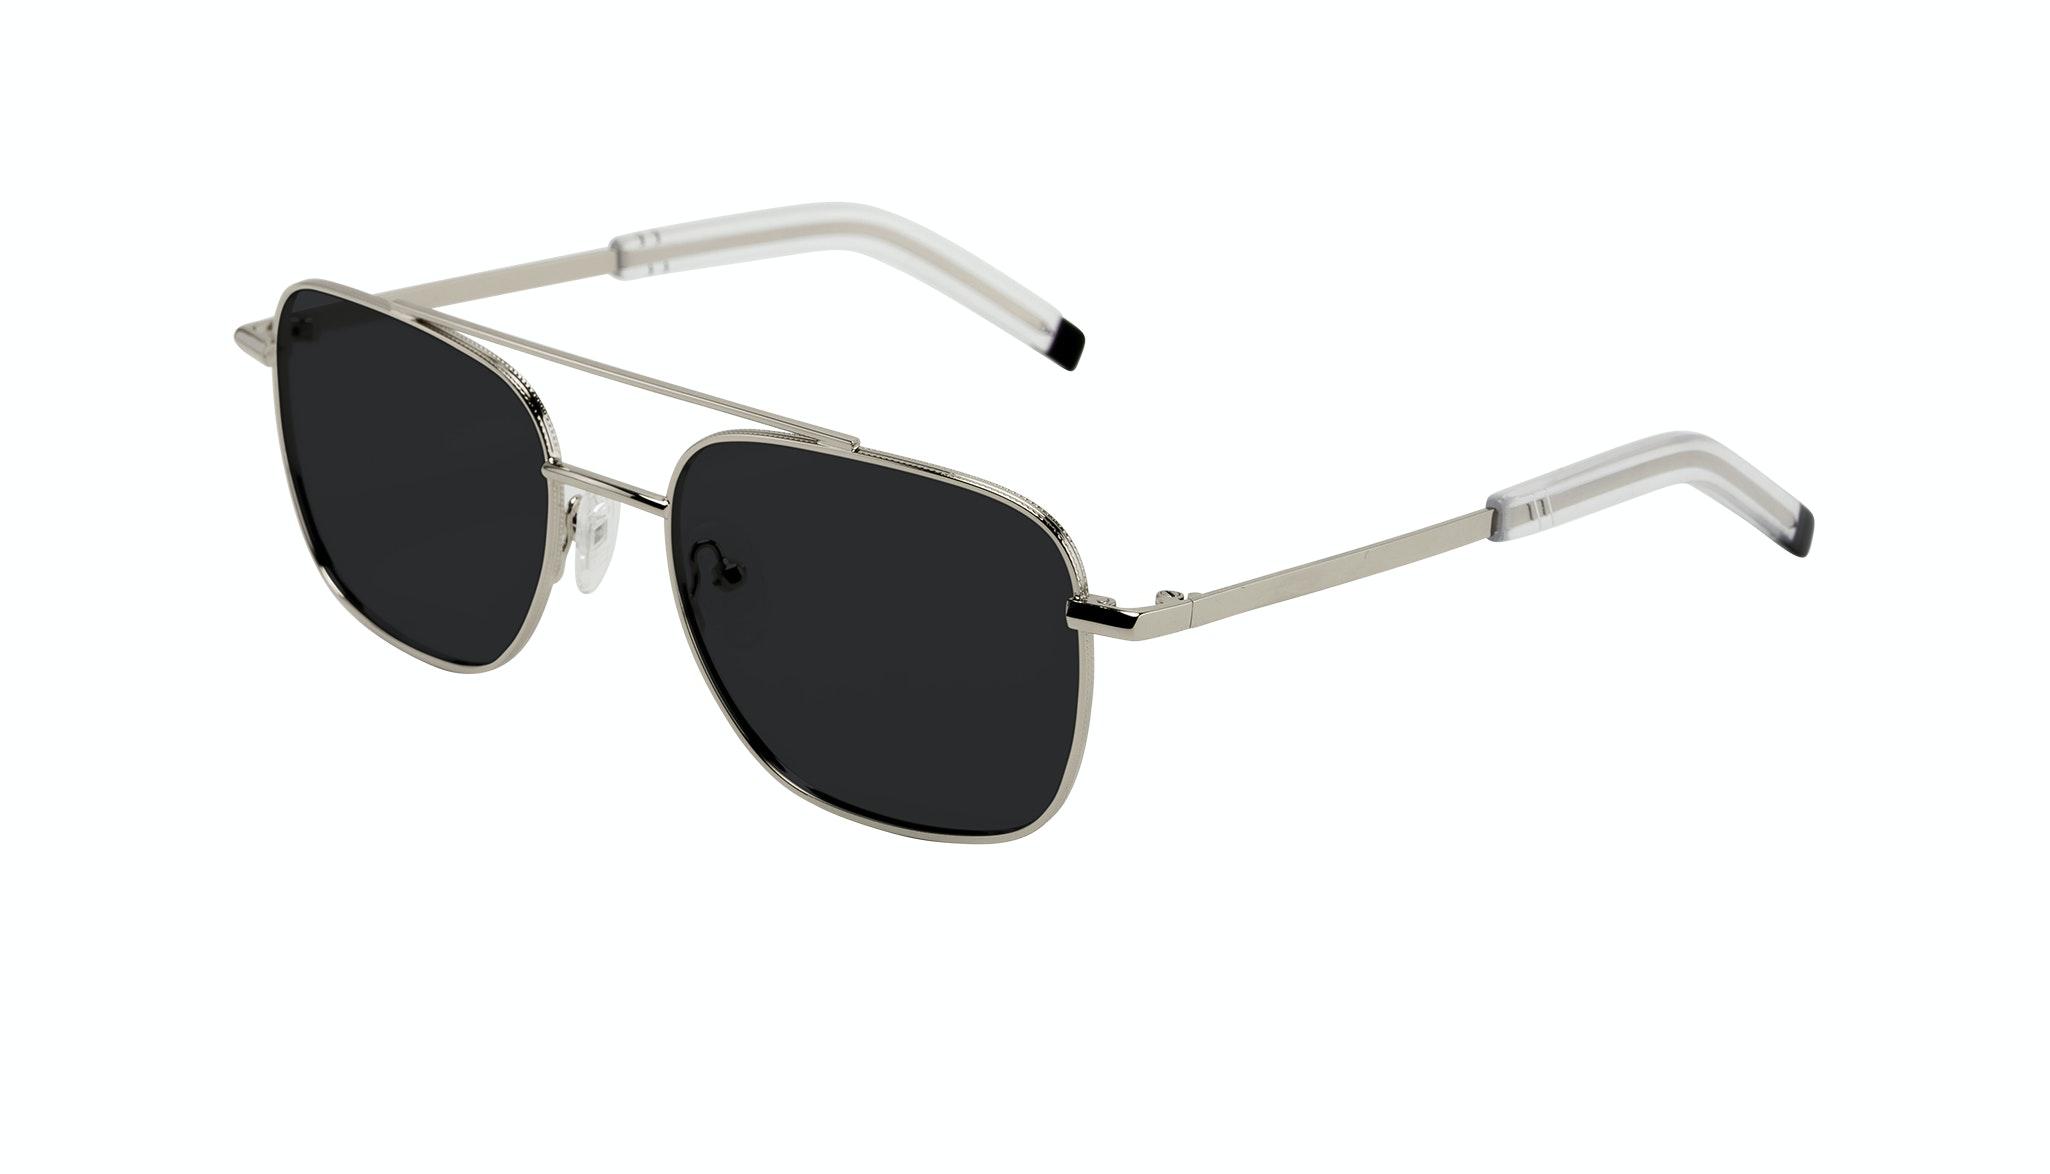 Affordable Fashion Glasses Aviator Sunglasses Men Drift Silver Tilt